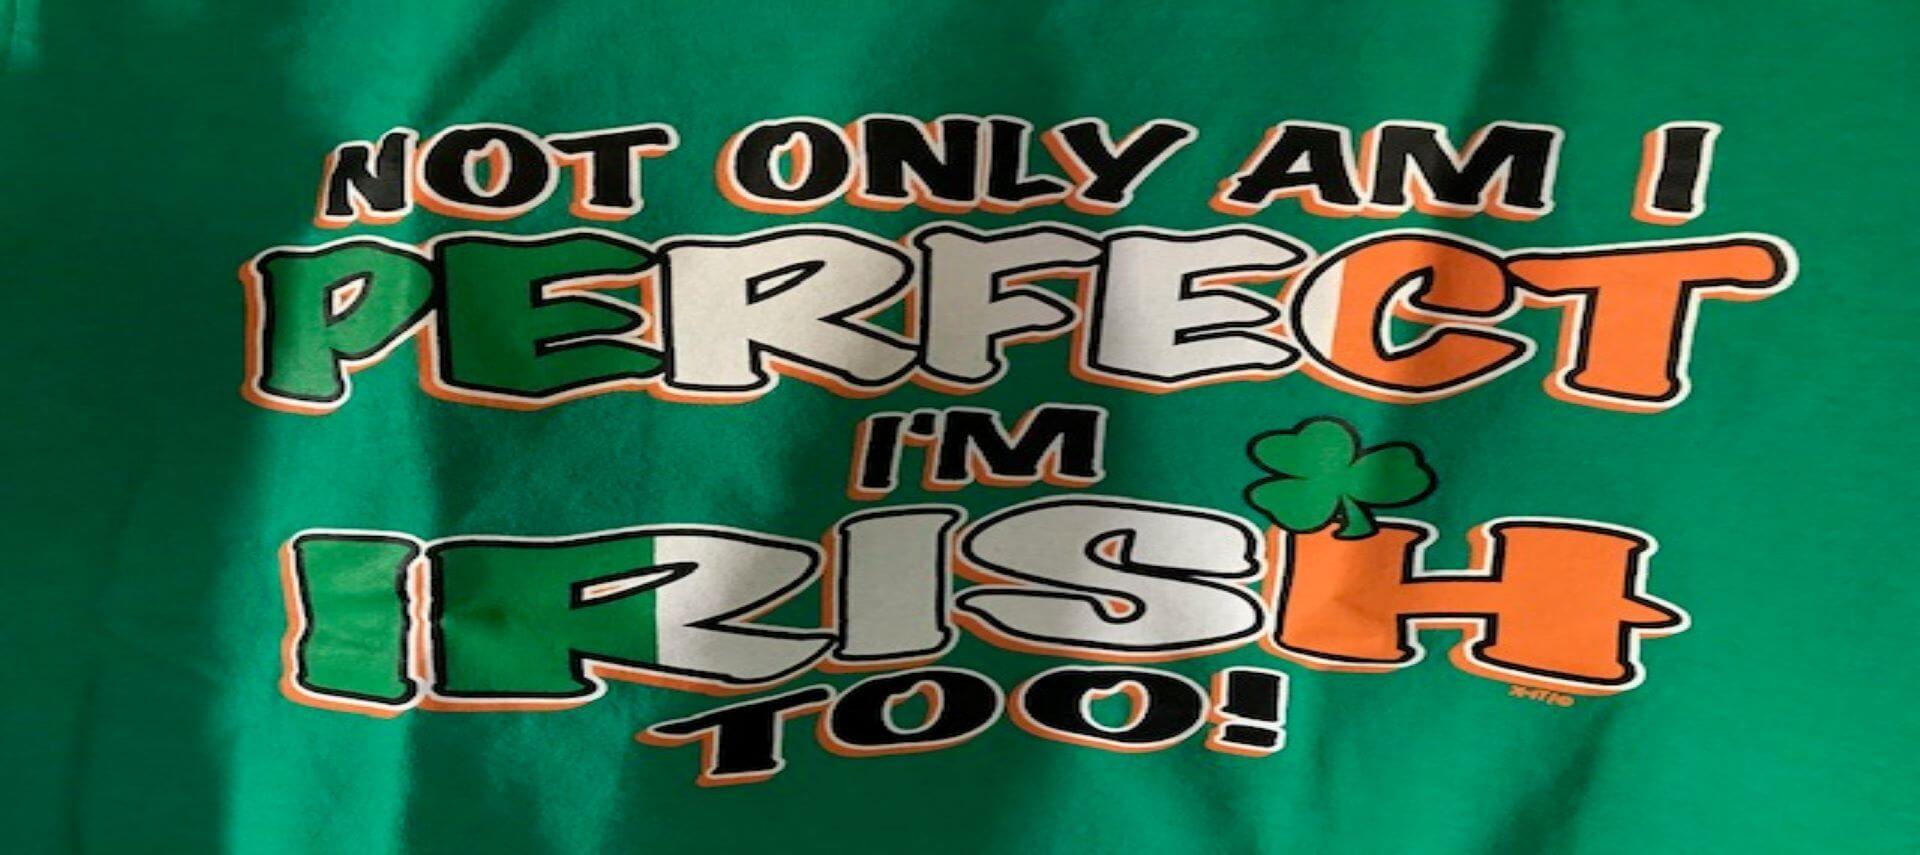 Irish and perfect quote